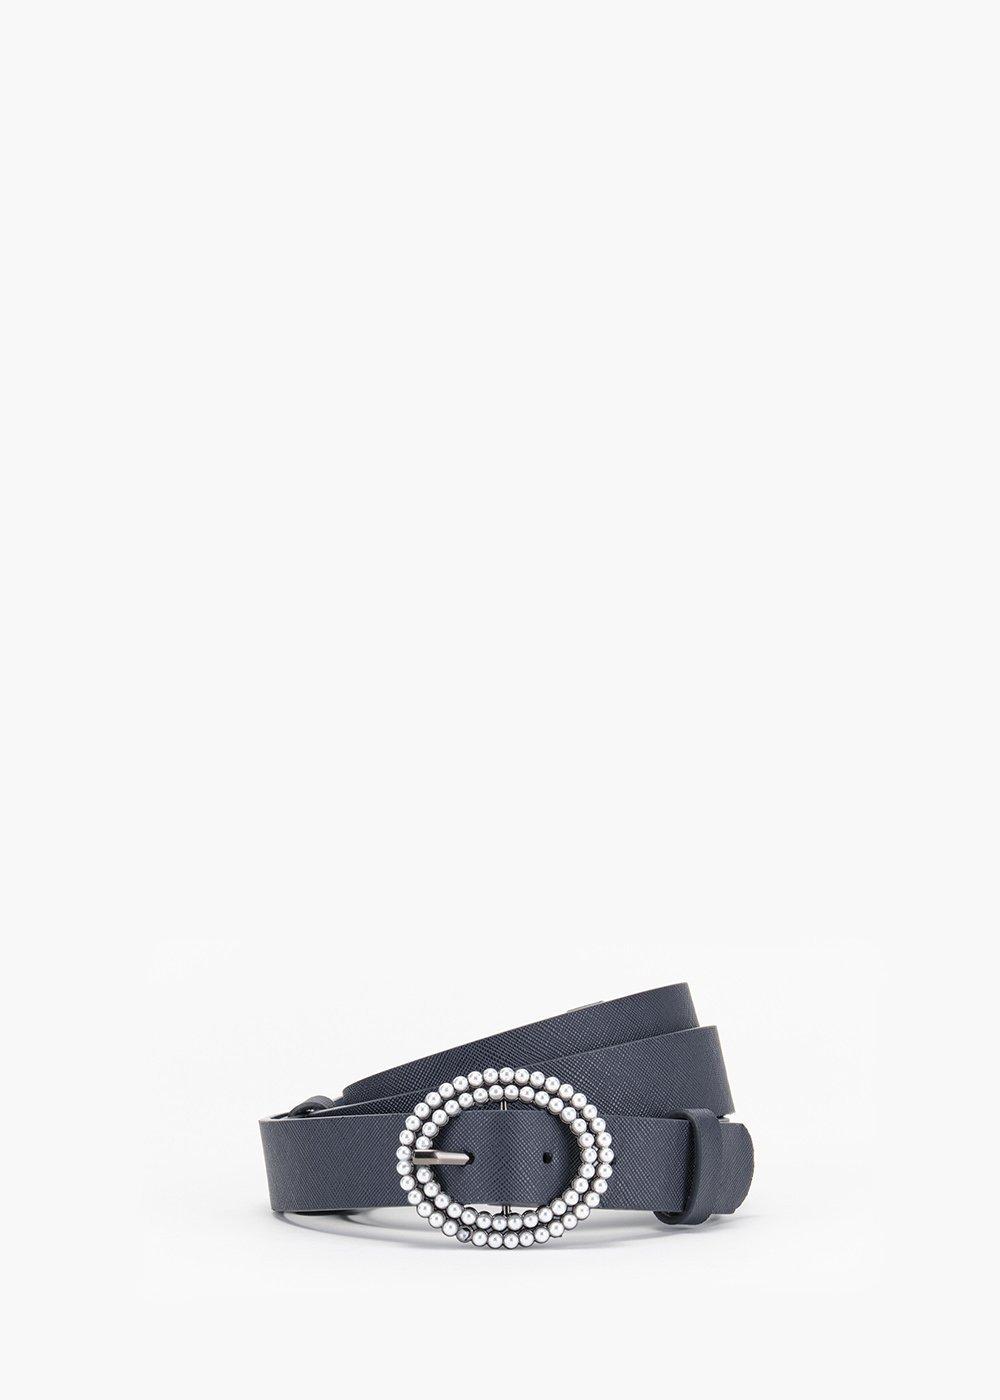 nuovo concetto 511bf 32d66 Cintura Cher in eco pelle con fibbia micro perle